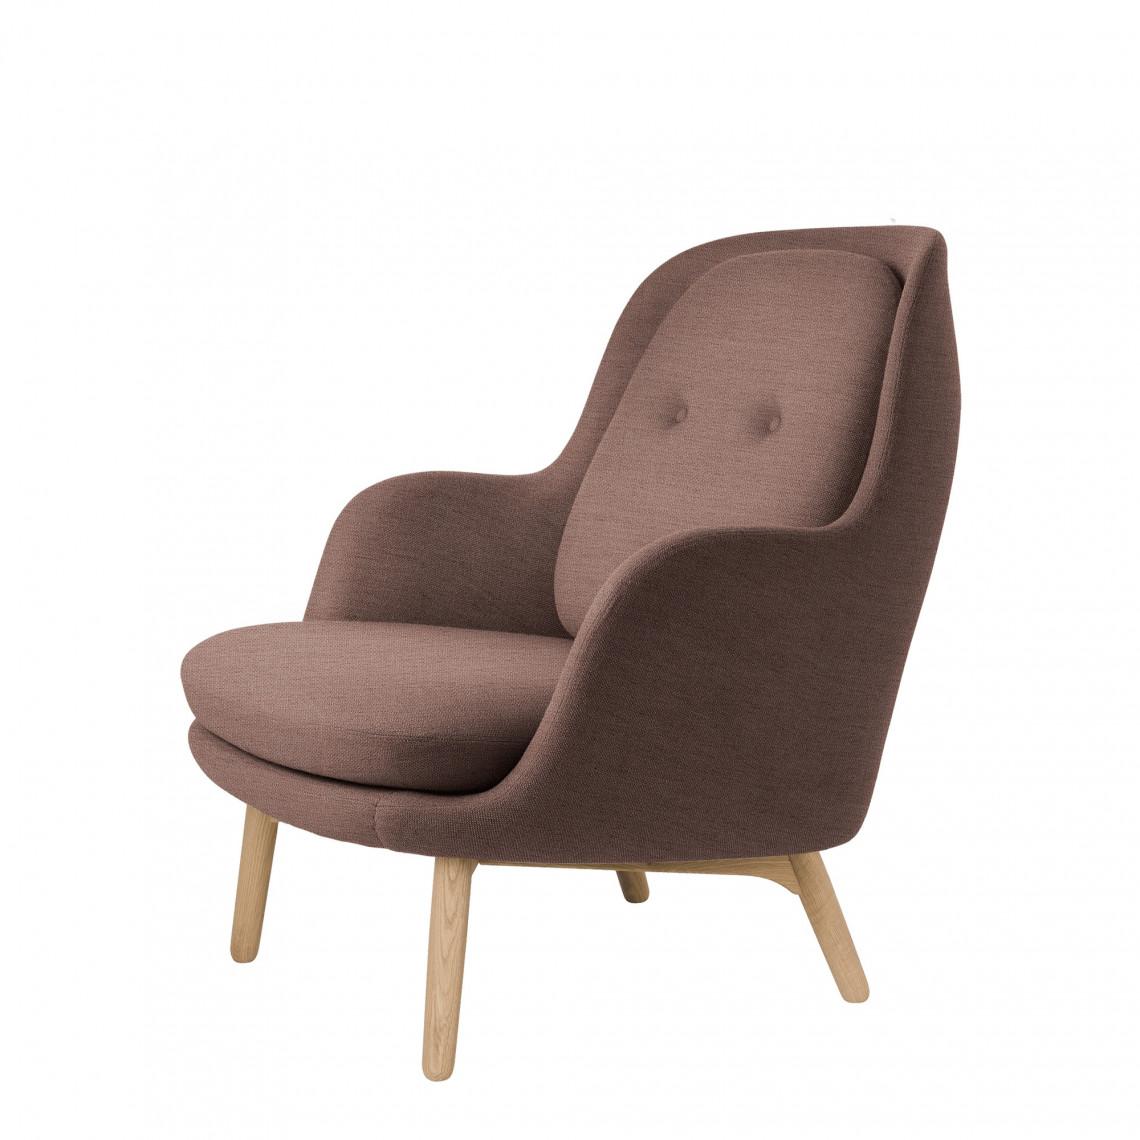 Lounge fåtölj FRI™ - Klädd i tyg Christianshavn